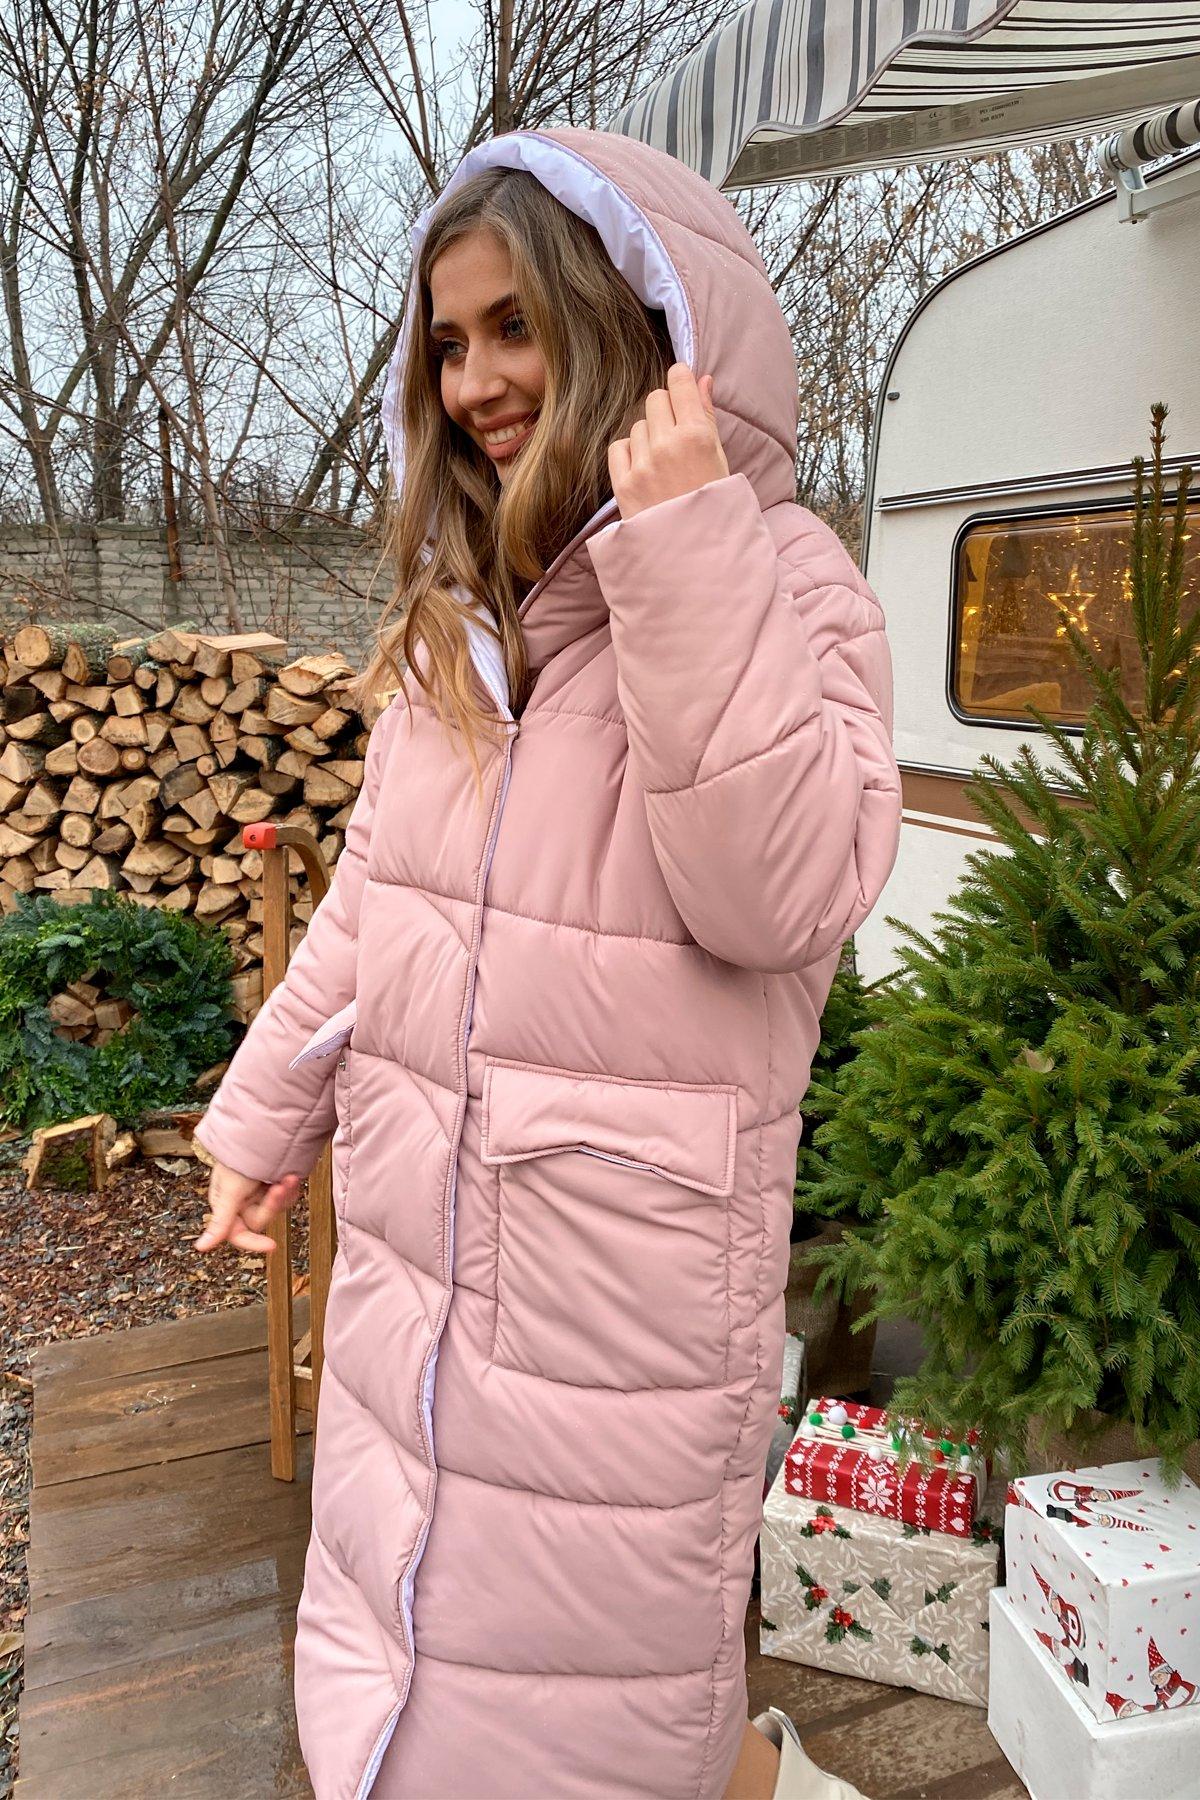 Блу теплый пуховик из  плащевой ткани 10260 АРТ. 46558 Цвет: Пудра/белый жемчуг - фото 7, интернет магазин tm-modus.ru